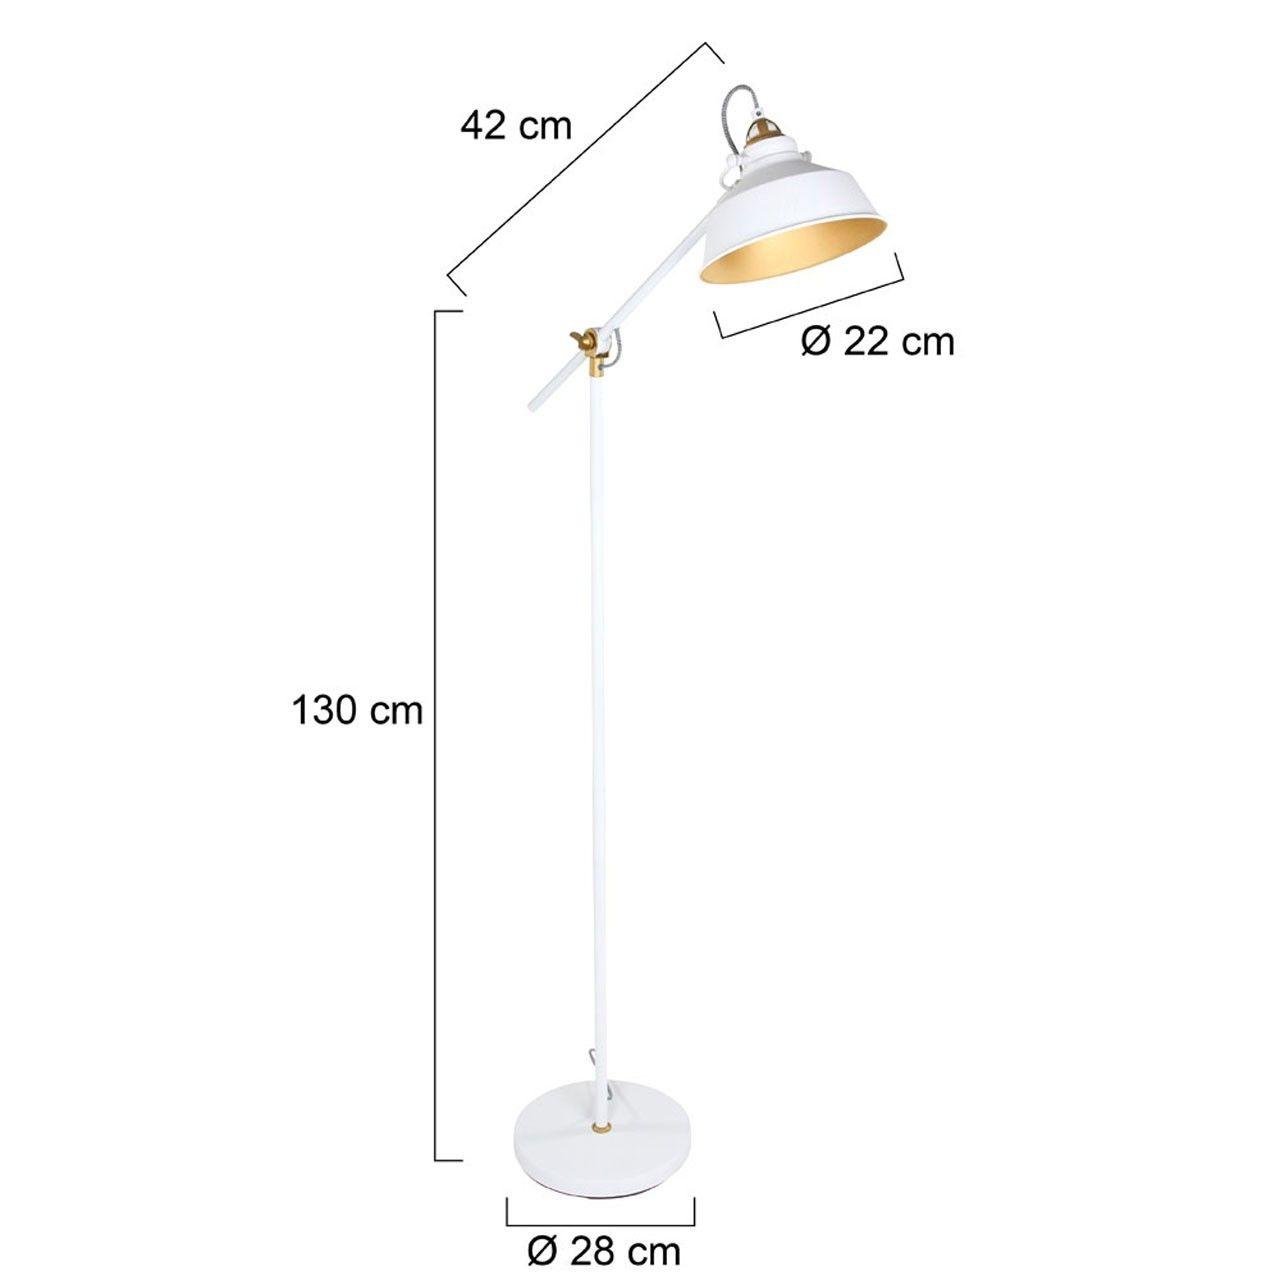 Fonkelnieuw Scandinavische vloerlamp wit - LampenConcurrent.nl XC-37